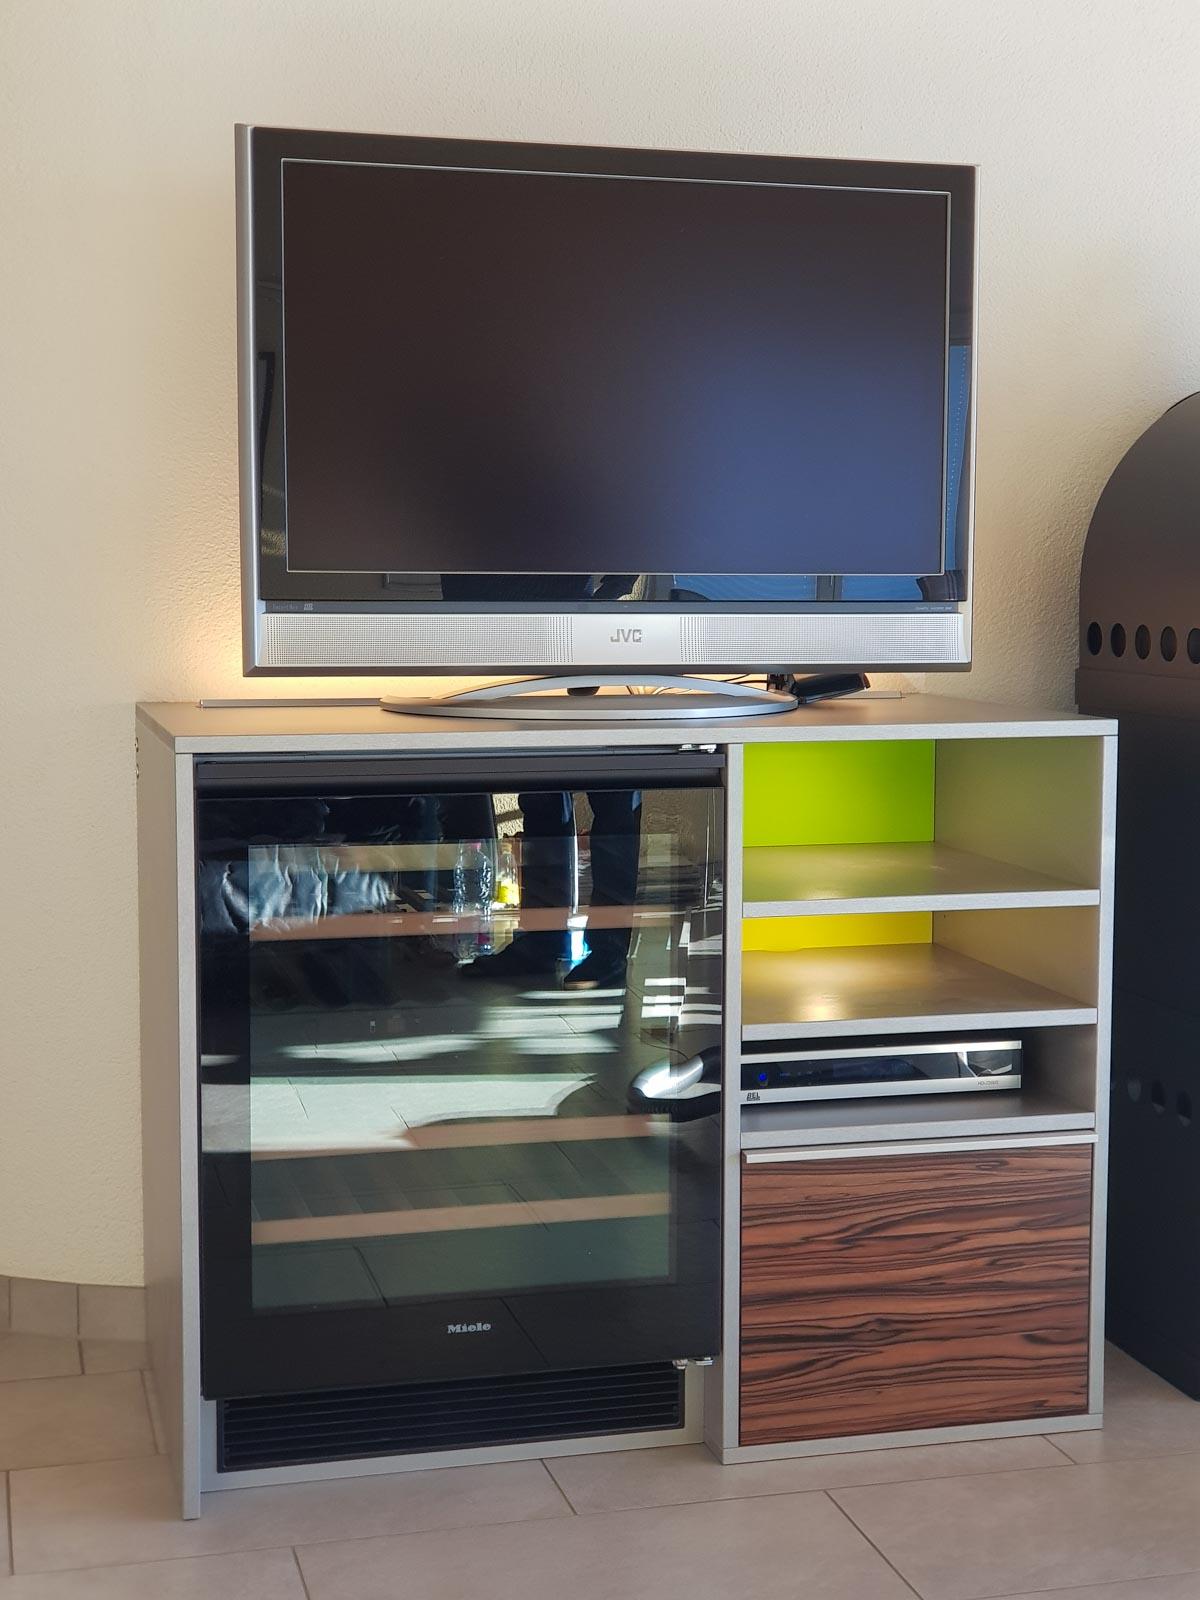 Wooddesign_Wohnzimmermöbel_Treppenform_fargig_Griffleisten_Weinkühler_Fernsehmöbel (2)